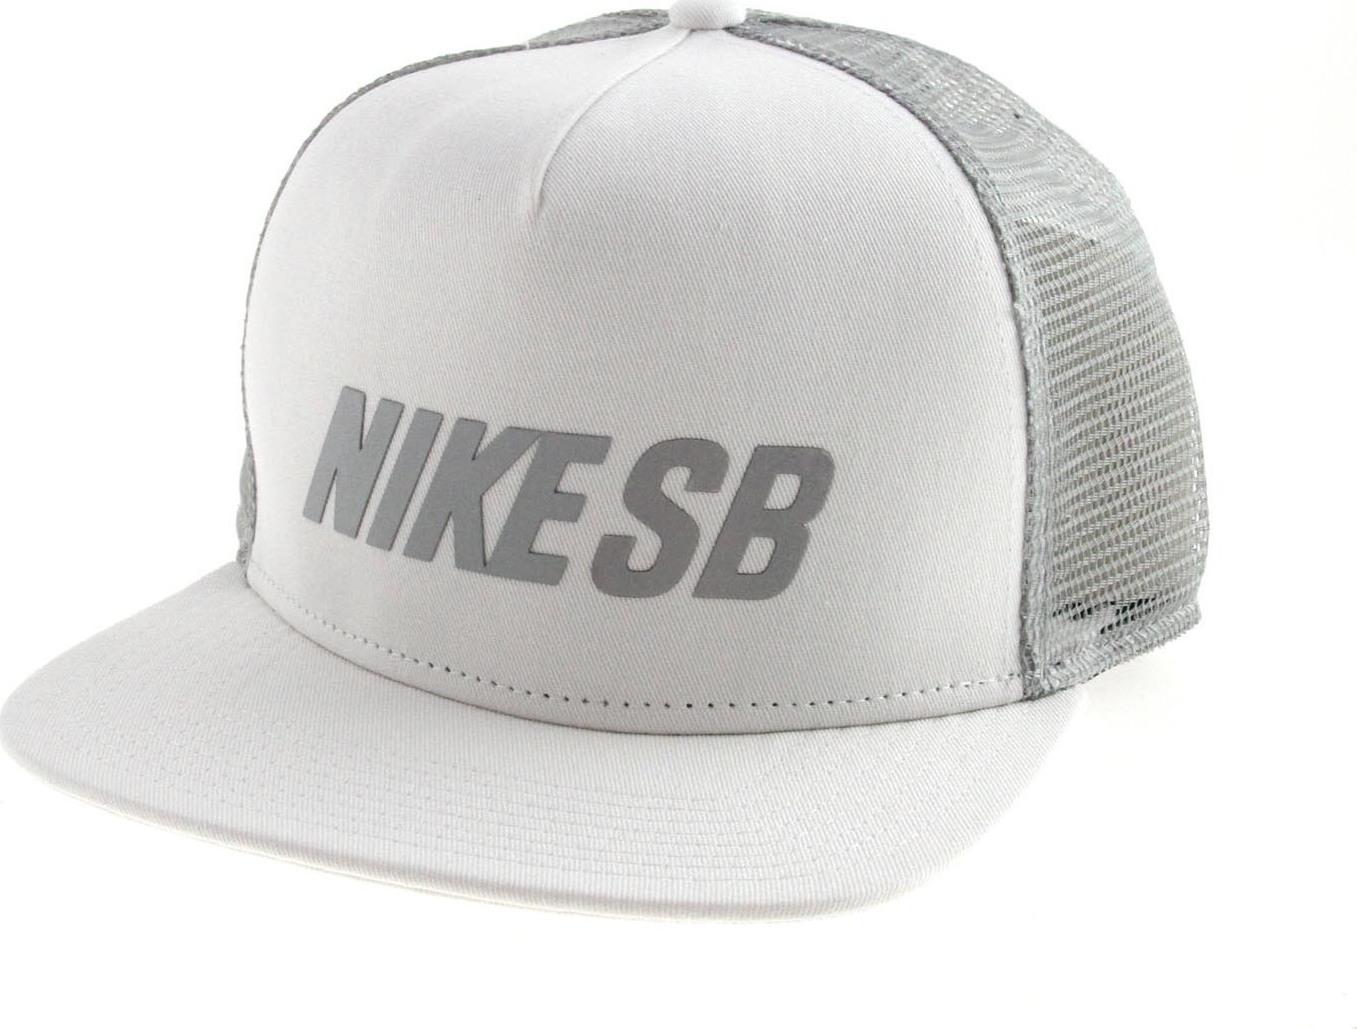 Nike SB Reflect Trucker Cap 806014-100 White - Skroutz.gr 94af0668cfa